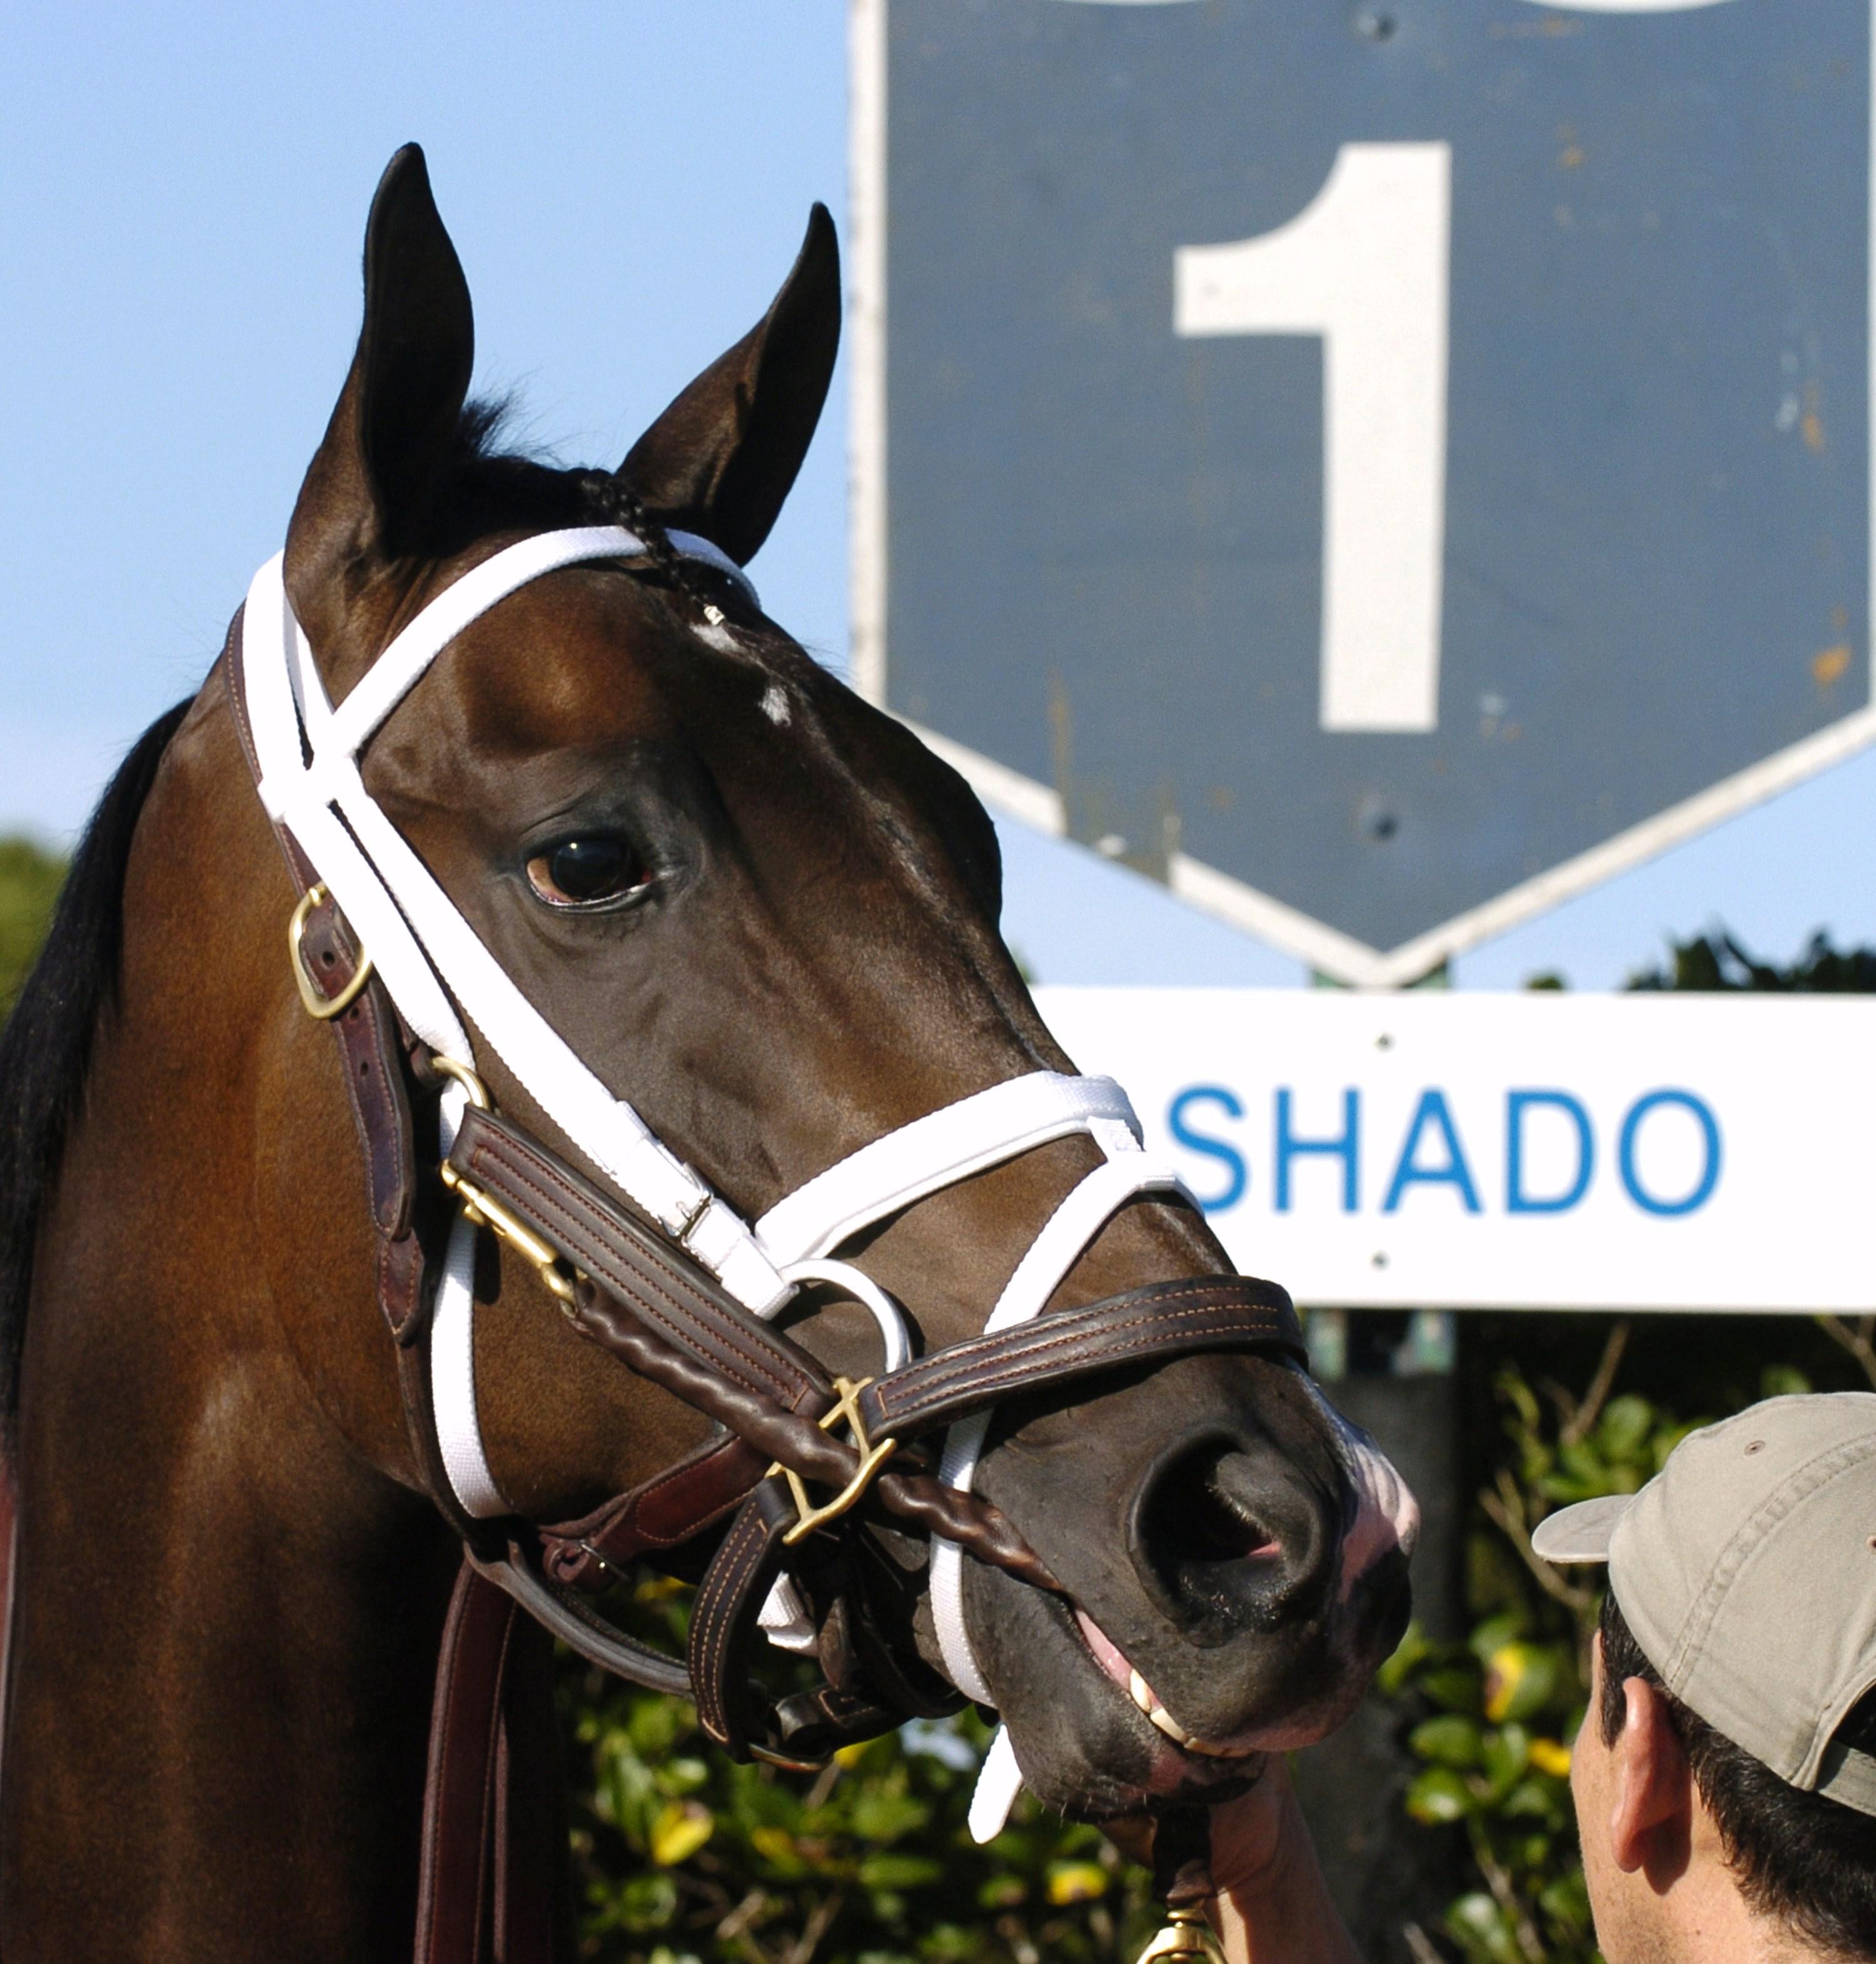 Ashado at Fair Grounds, 2004 (Skip Dickstein)